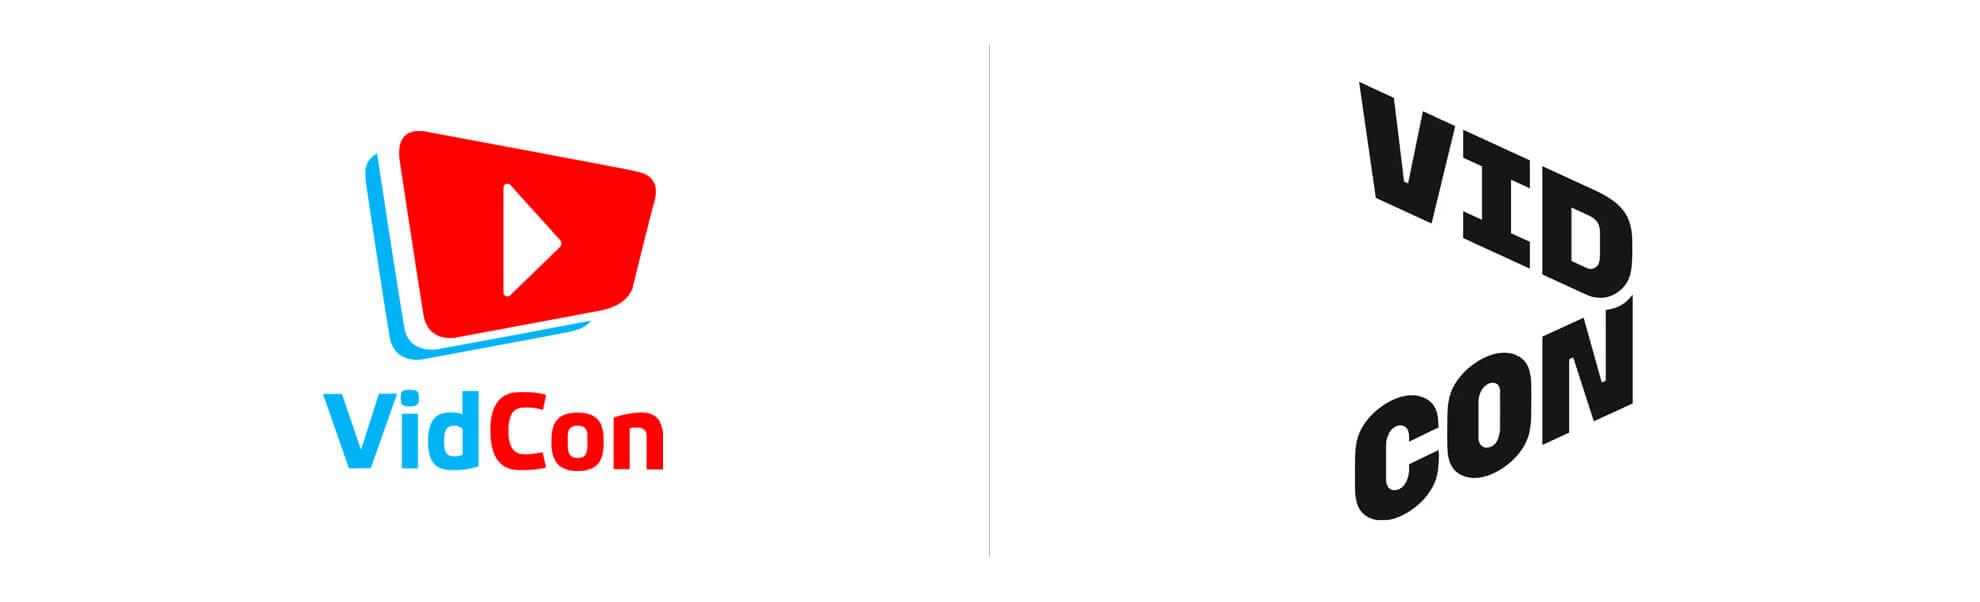 Vidcon zmienia logo